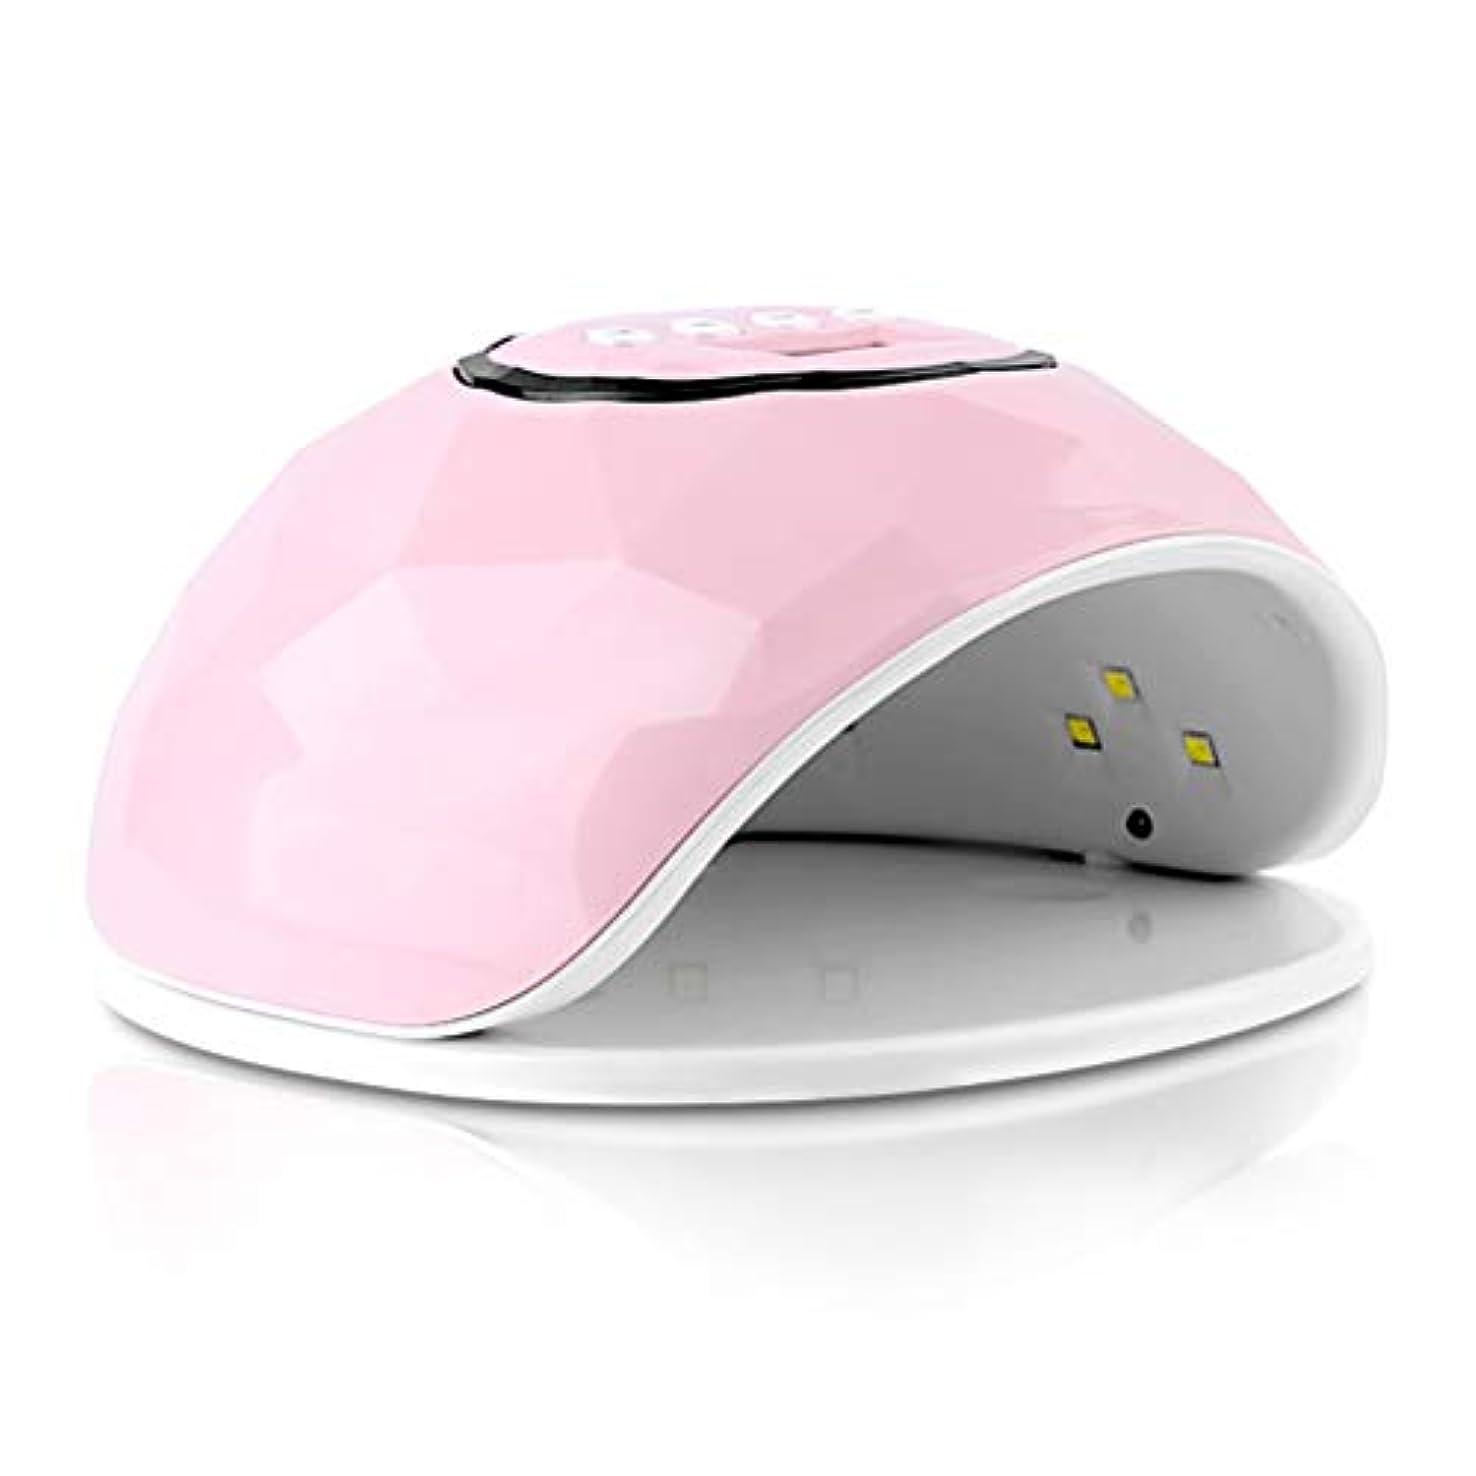 恥ずかしさ究極のクリアネイルランプ72Wネイル光線療法ランプ速乾性インテリジェント誘導マニキュアグルーベーキングランプLEDドライヤー (Color : Pink)